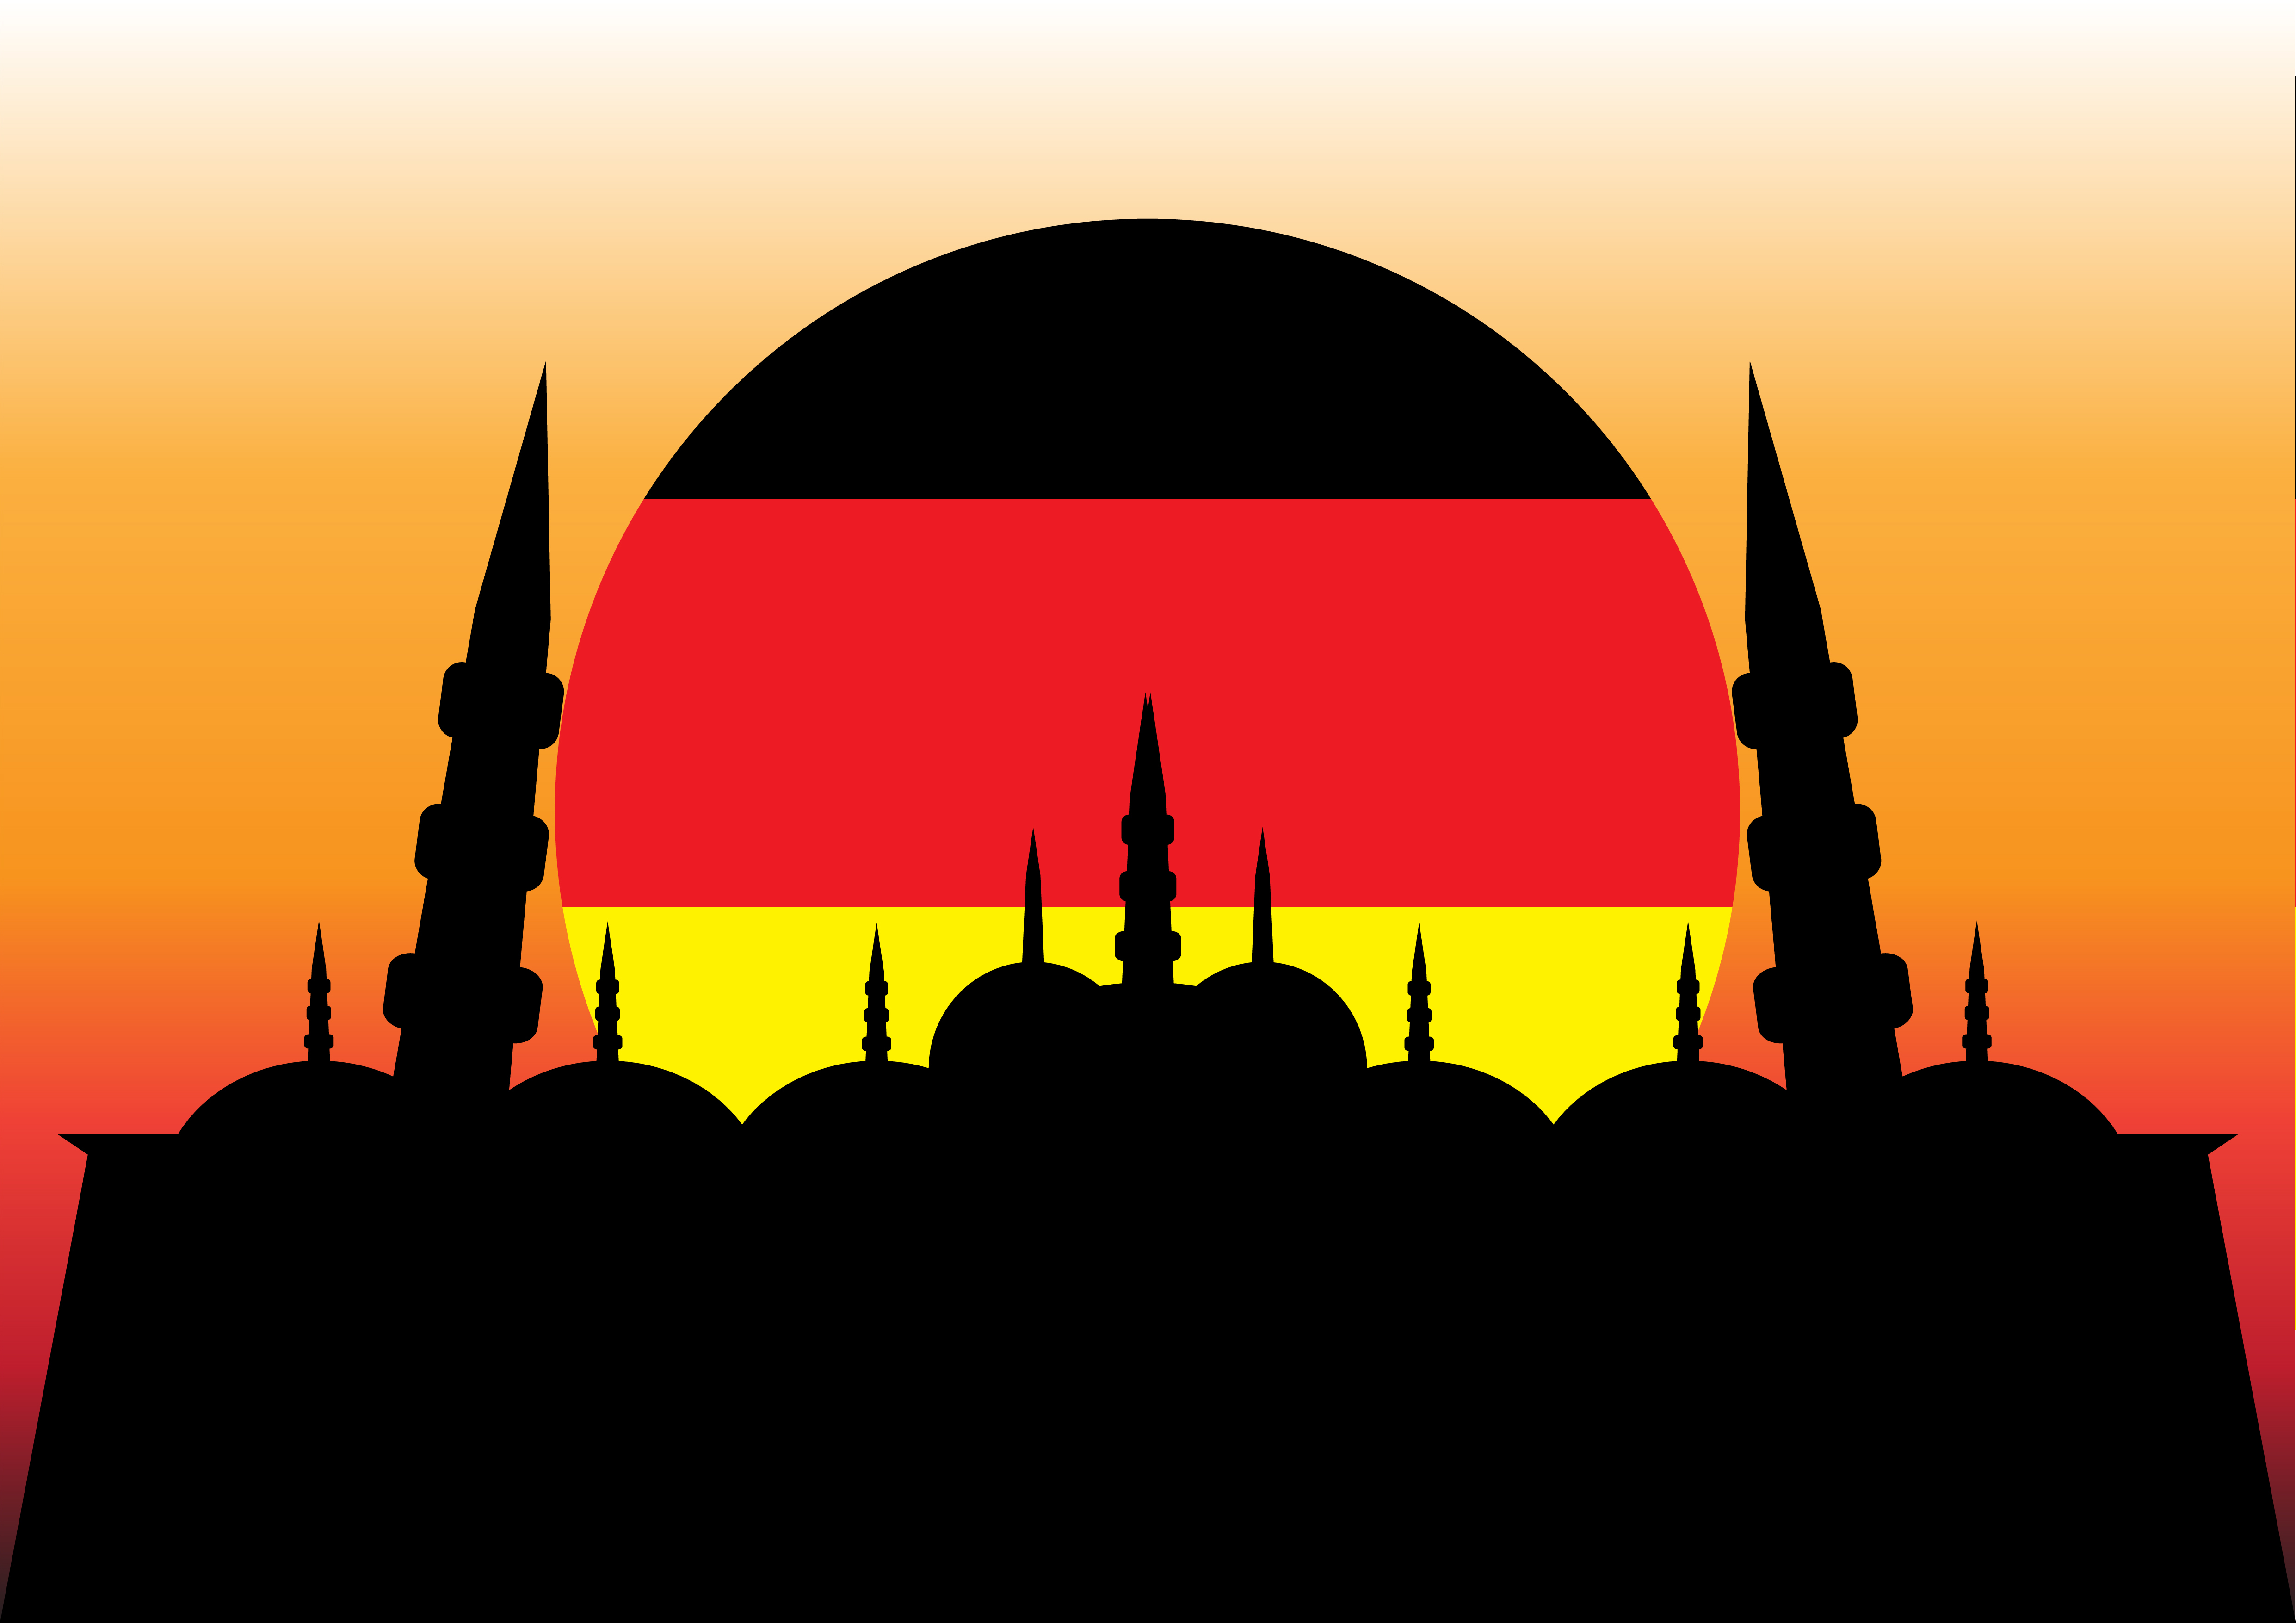 През 2050-а Германия щяла да бъде ислямска държава?